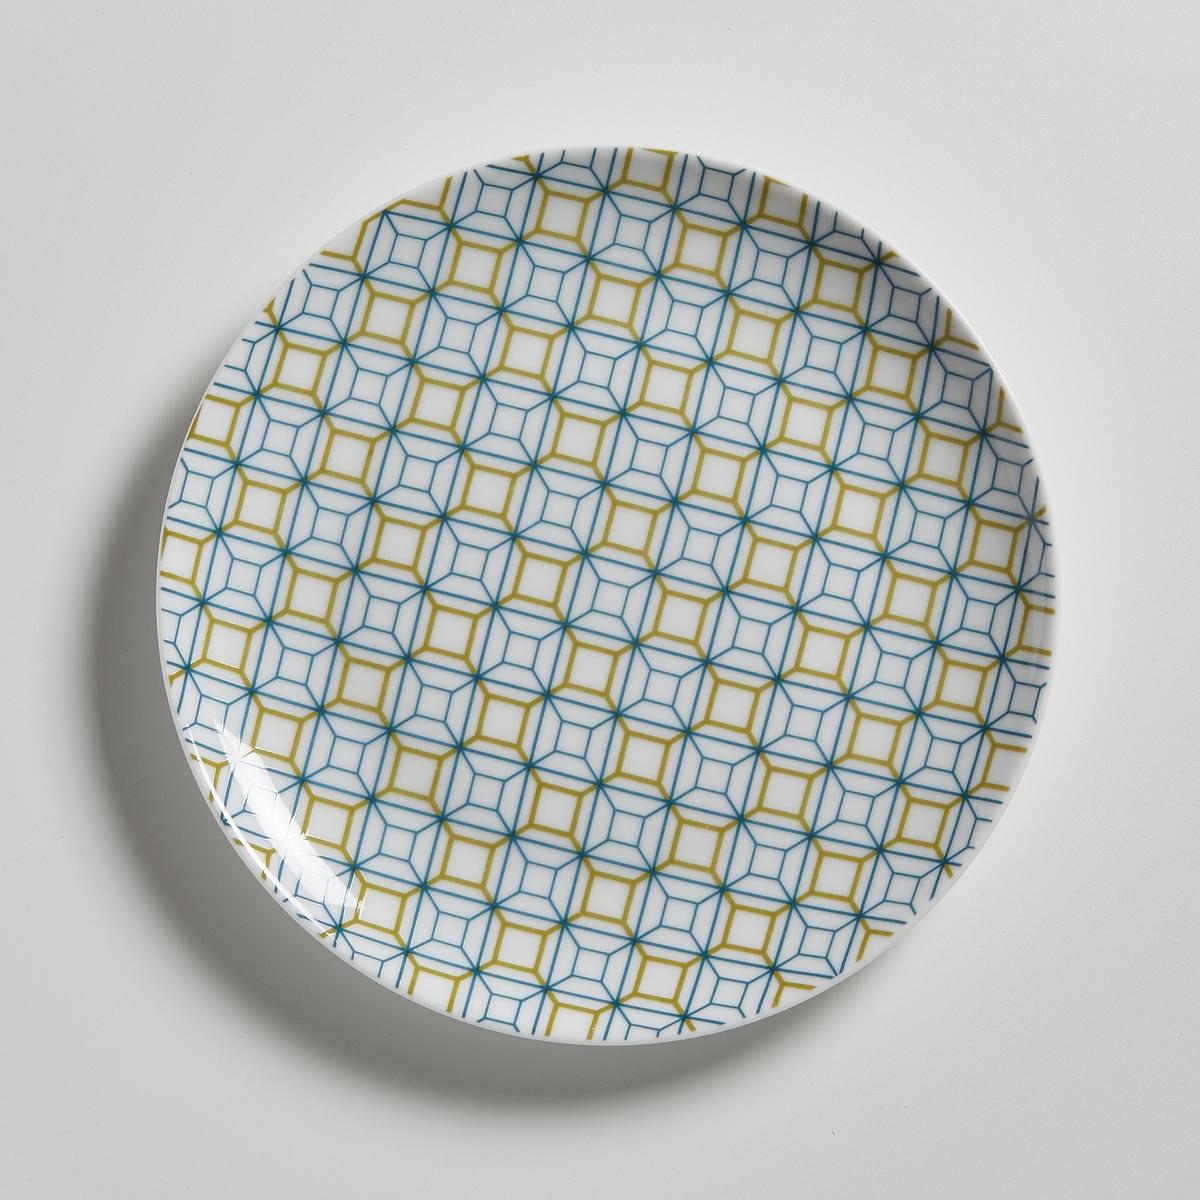 Комплект из 4 десертных тарелок из фарфораКомплект из 4 десертных тарелок из фарфора La redoute Int?rieurs. Геометрические мотивы в стиле ретро (синий и охра) в современном и изысканном исполнении . Характеристики 4 десертных тарелок    :- Десертные тарелки из фарфора- Диаметр : 20,3 см   . - Можно использовать в посудомоечных машинах и микроволновых печах- Продаются в комплекте из 4 штук в подарочной коробке<br><br>Цвет: набивной рисунок<br>Размер: единый размер